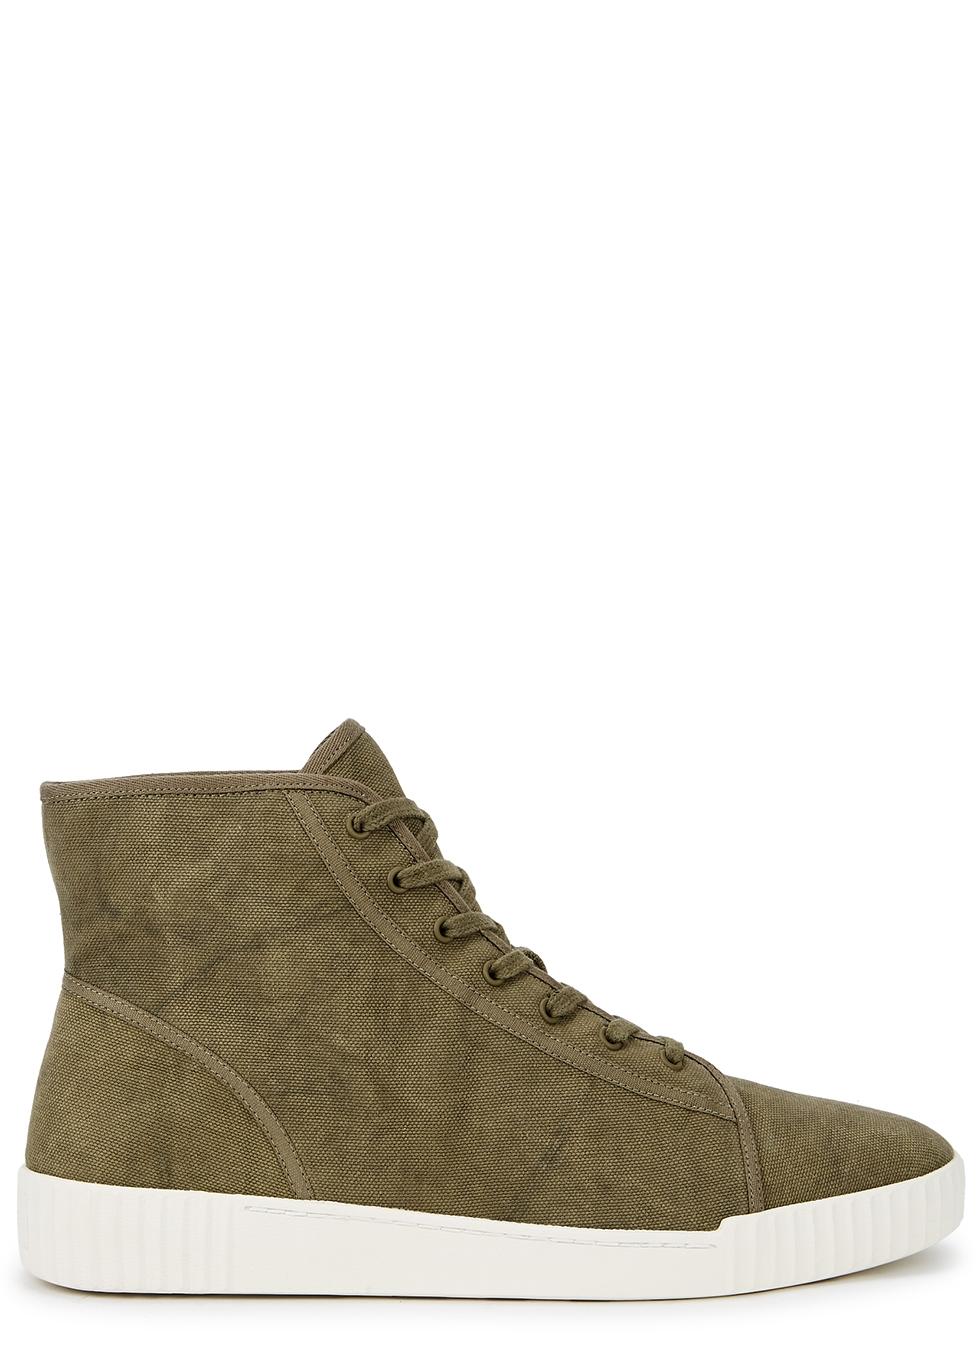 Wolfe dark green canvas hi-top sneakers